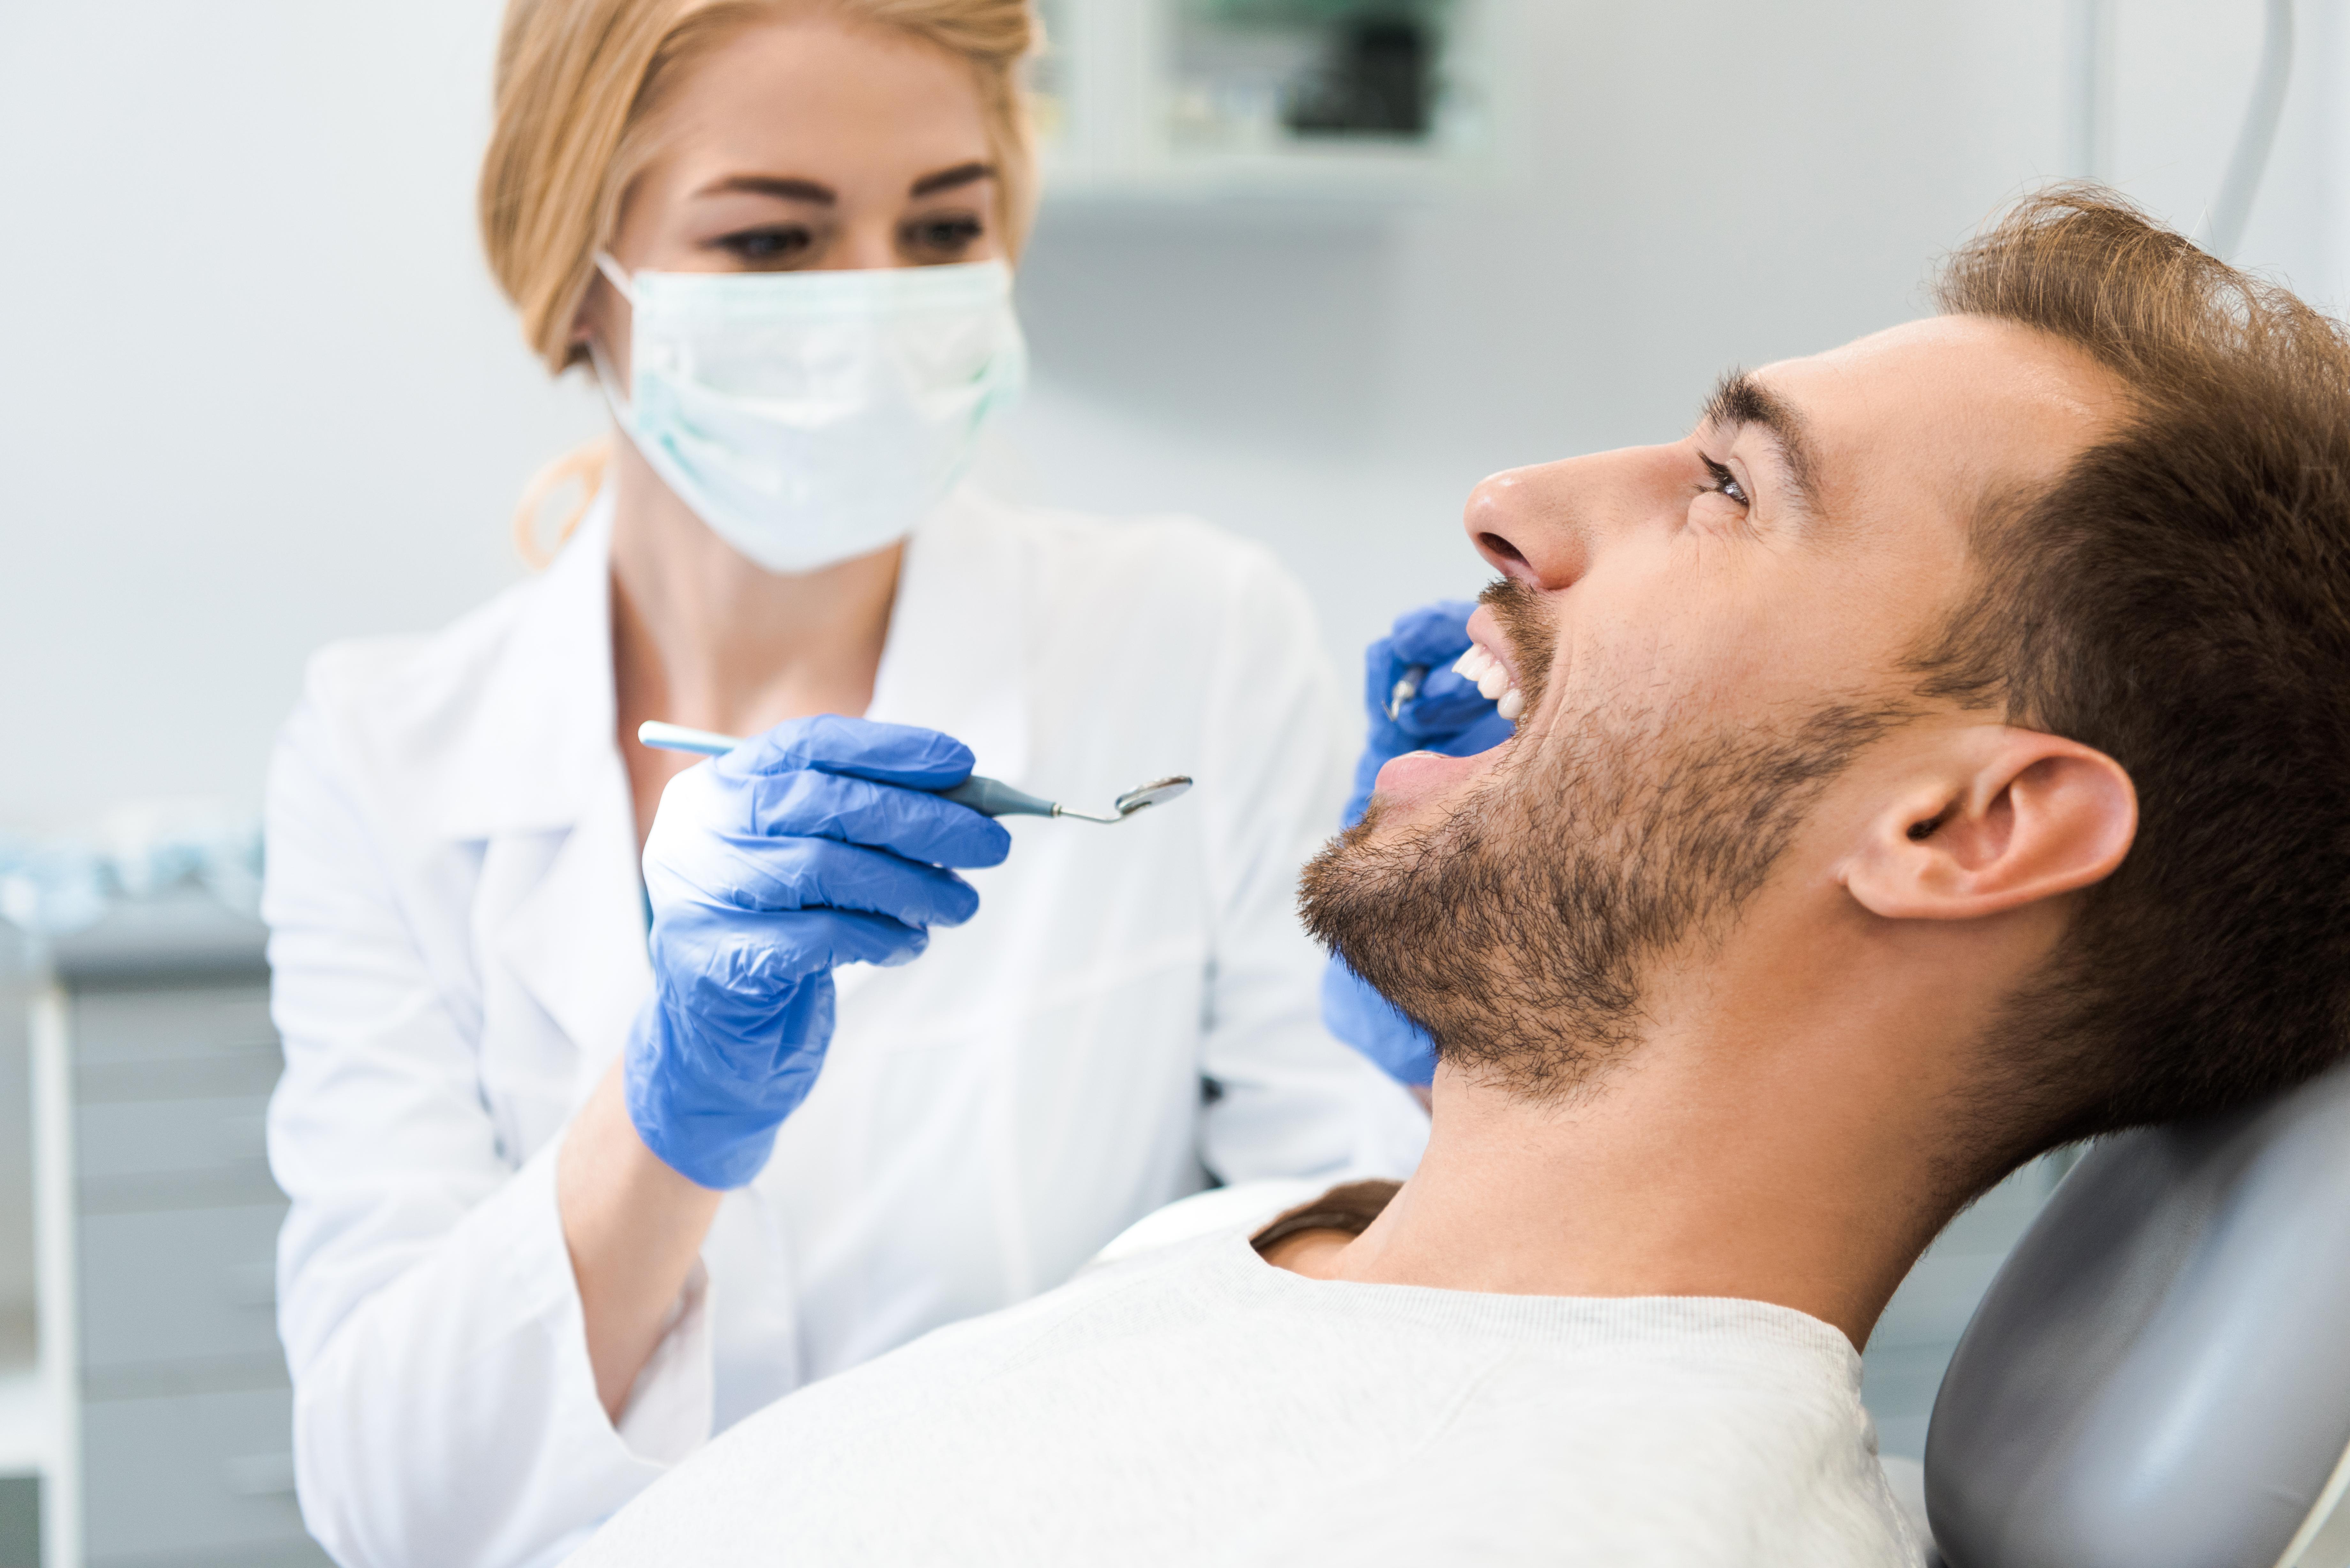 dentiste hygiéniste patient